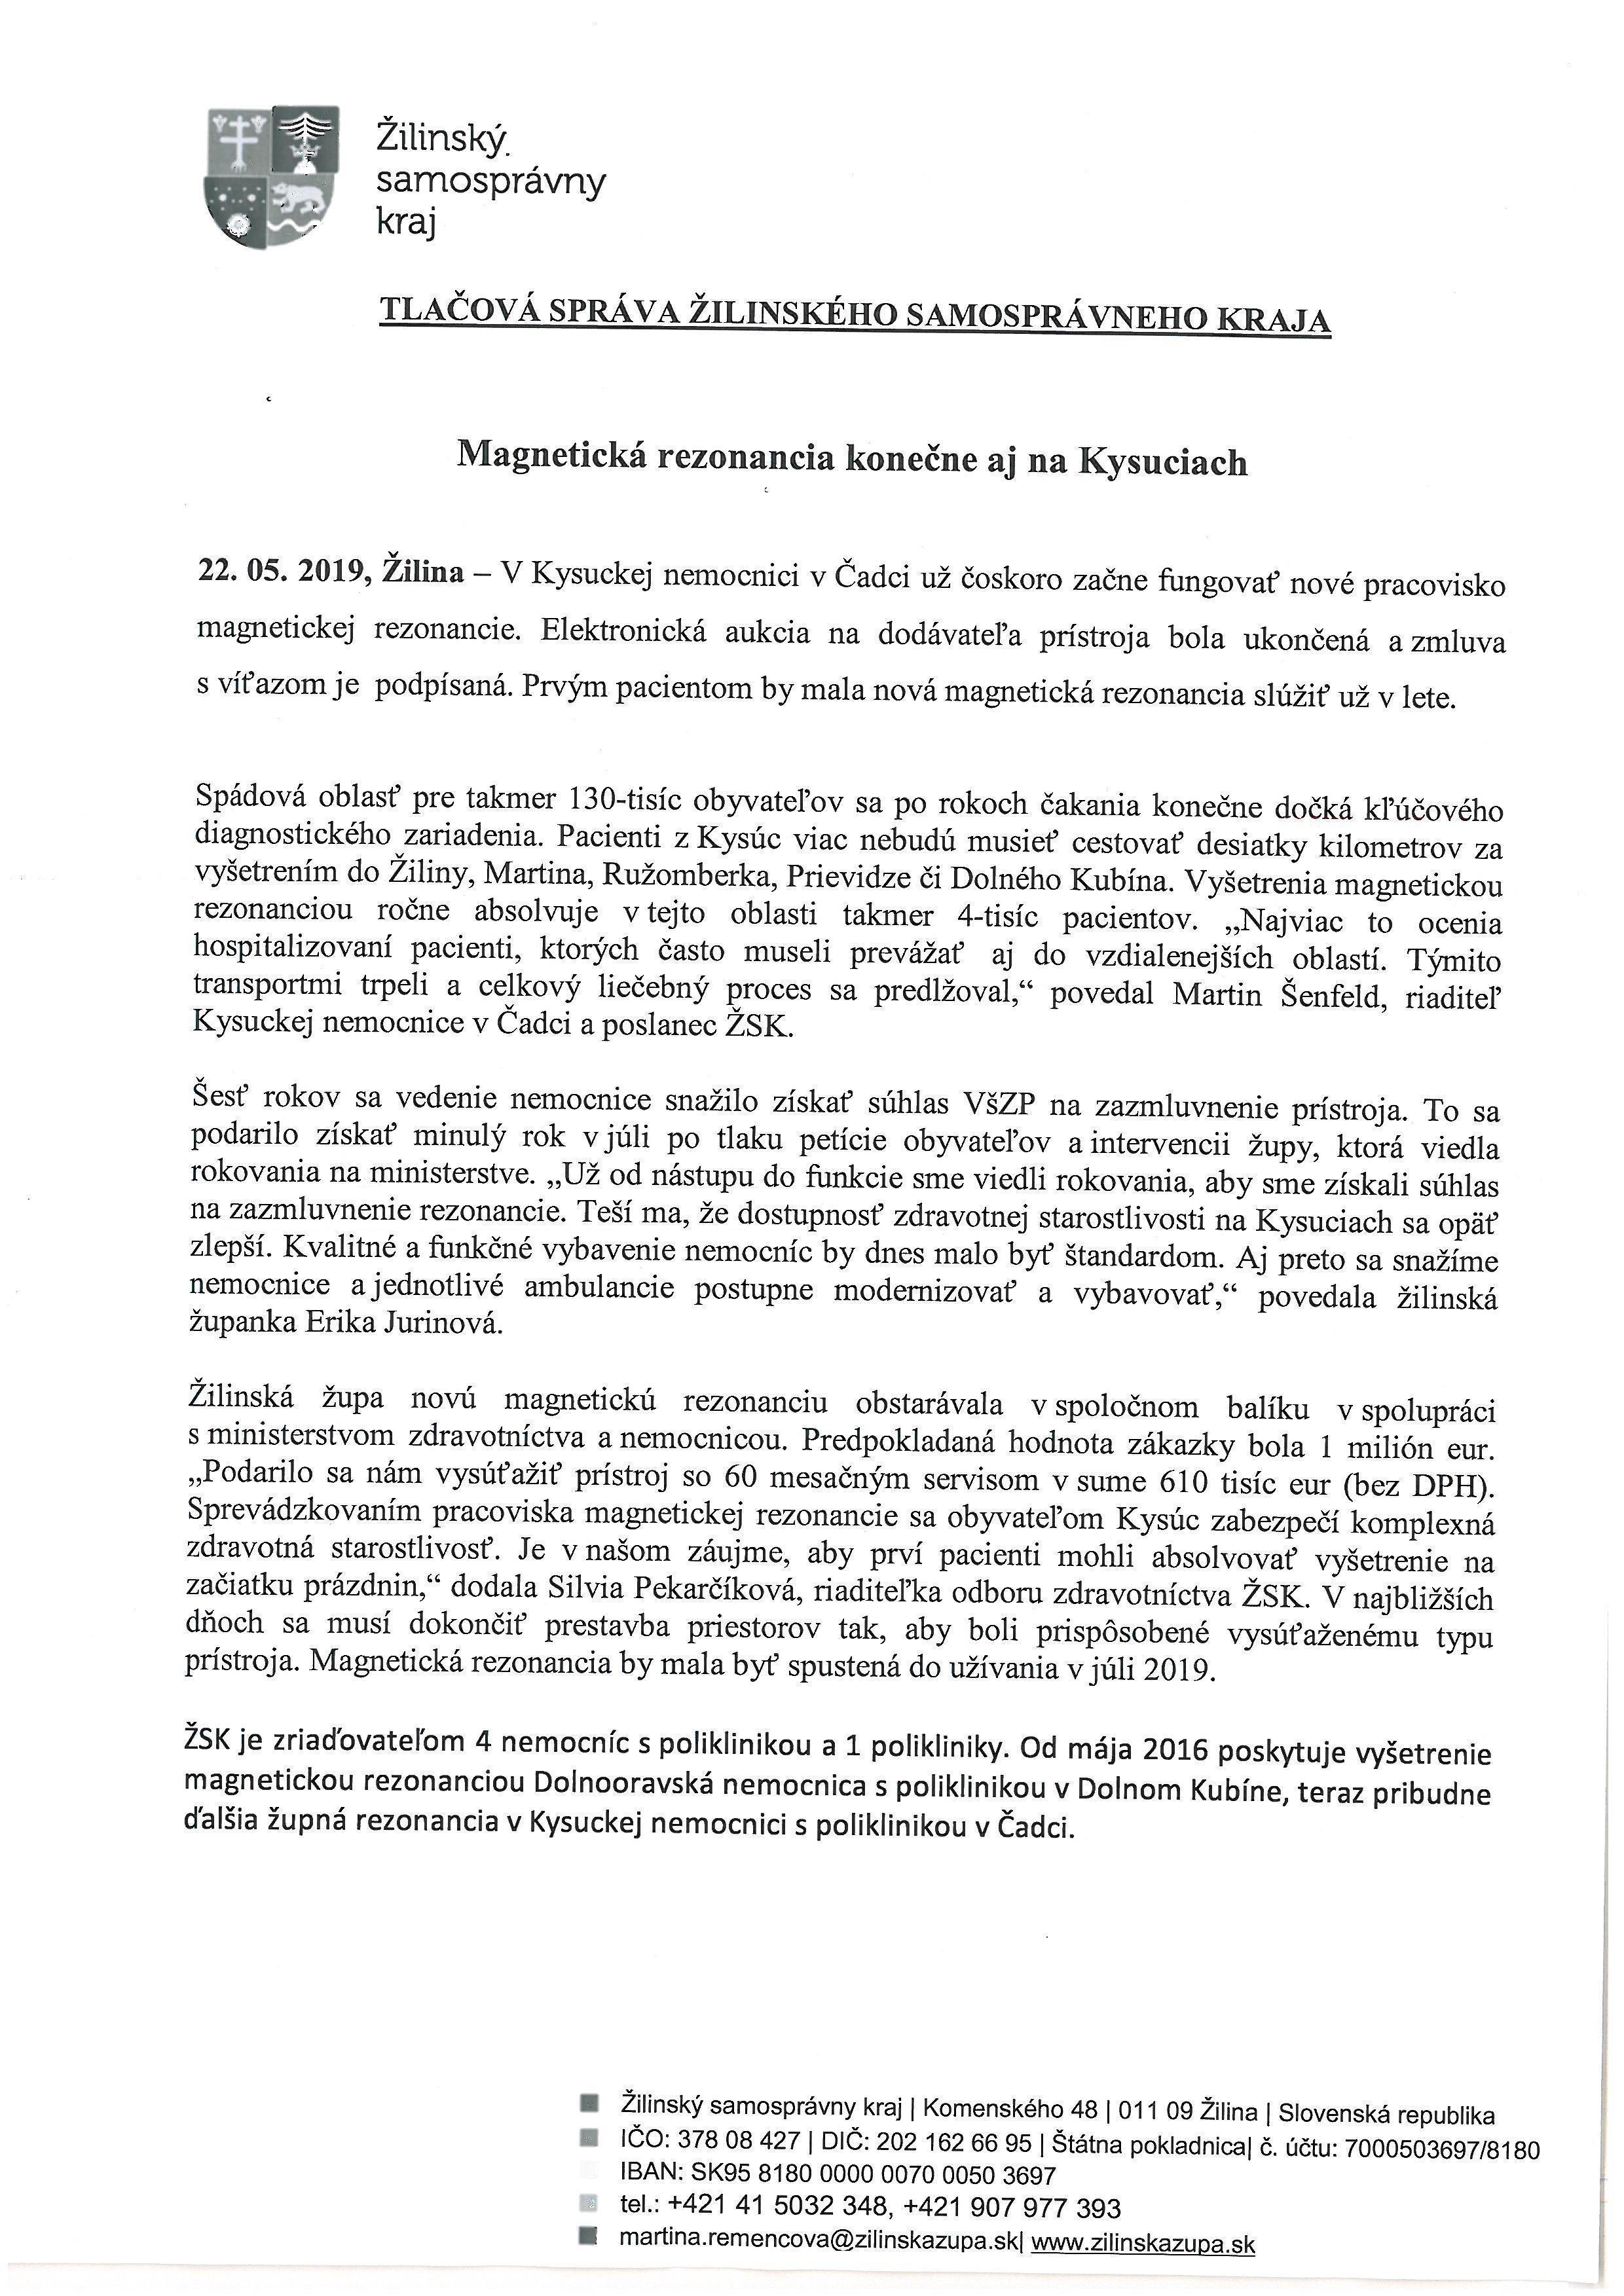 Magnetická rezonancia na Kysuciach